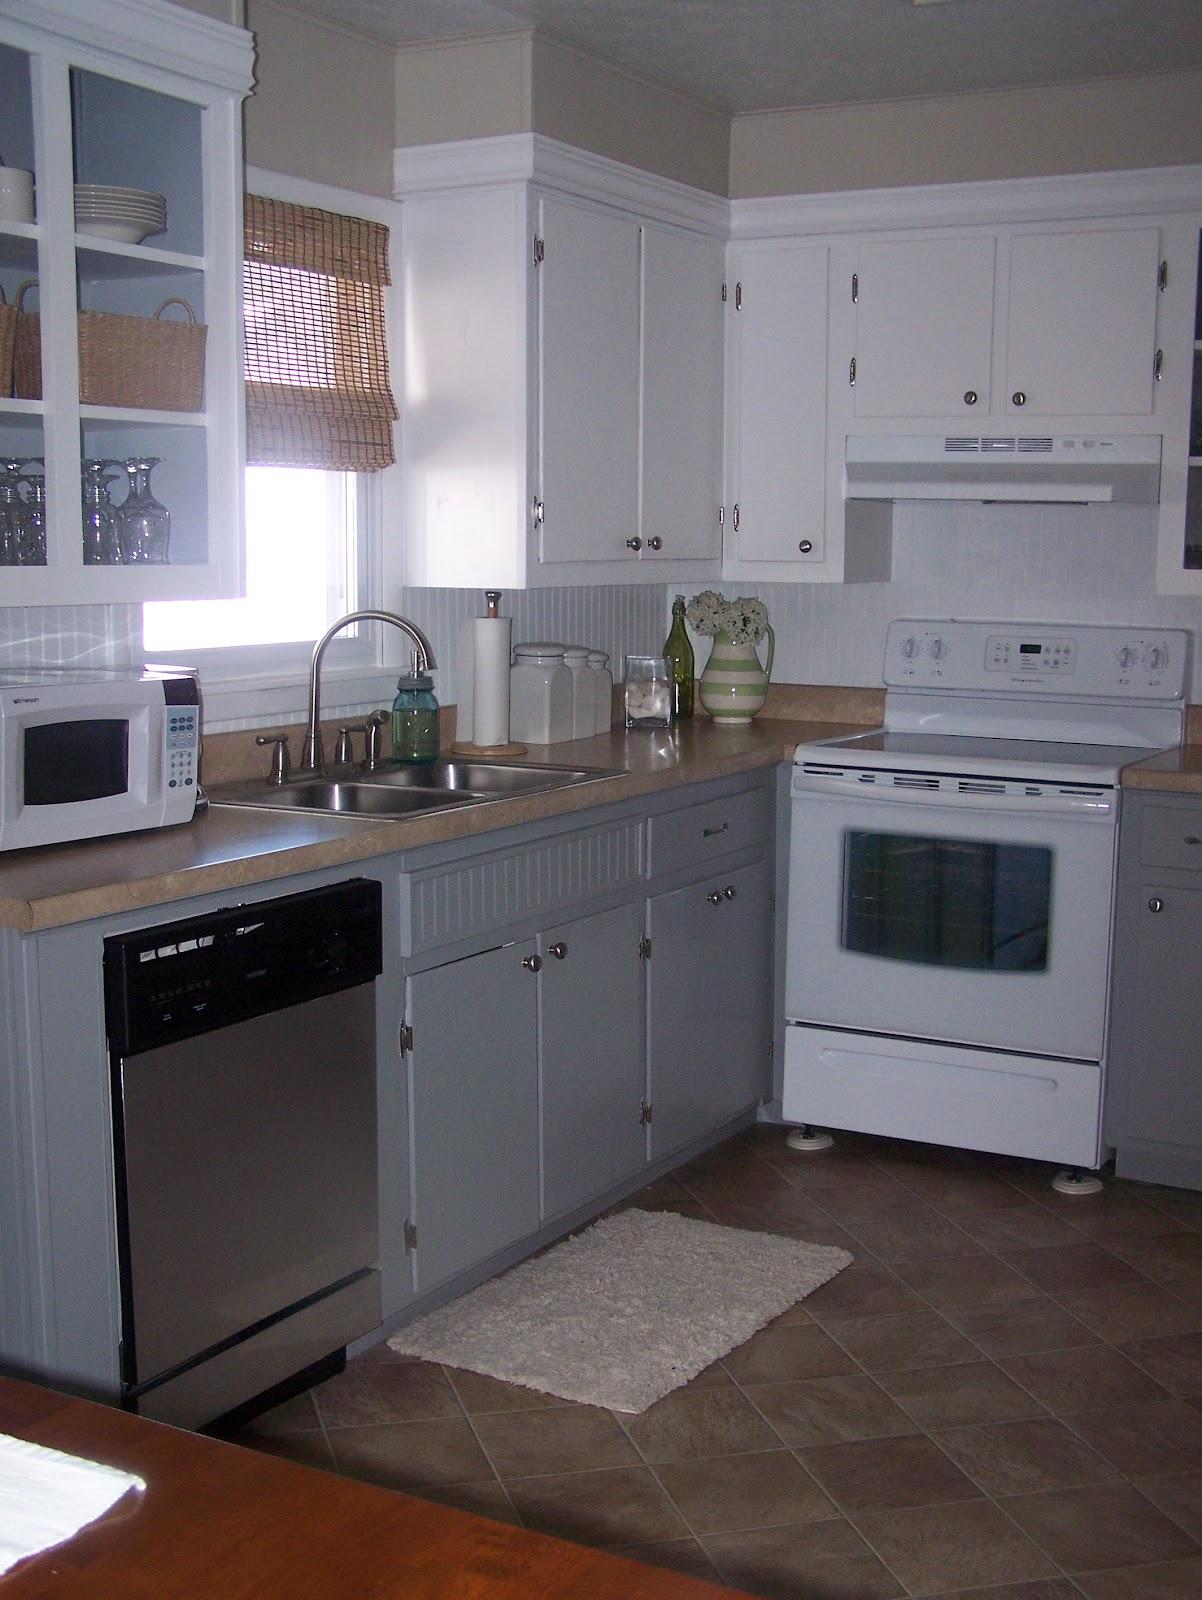 grace lee cottage updating old kitchen cabinets. Black Bedroom Furniture Sets. Home Design Ideas